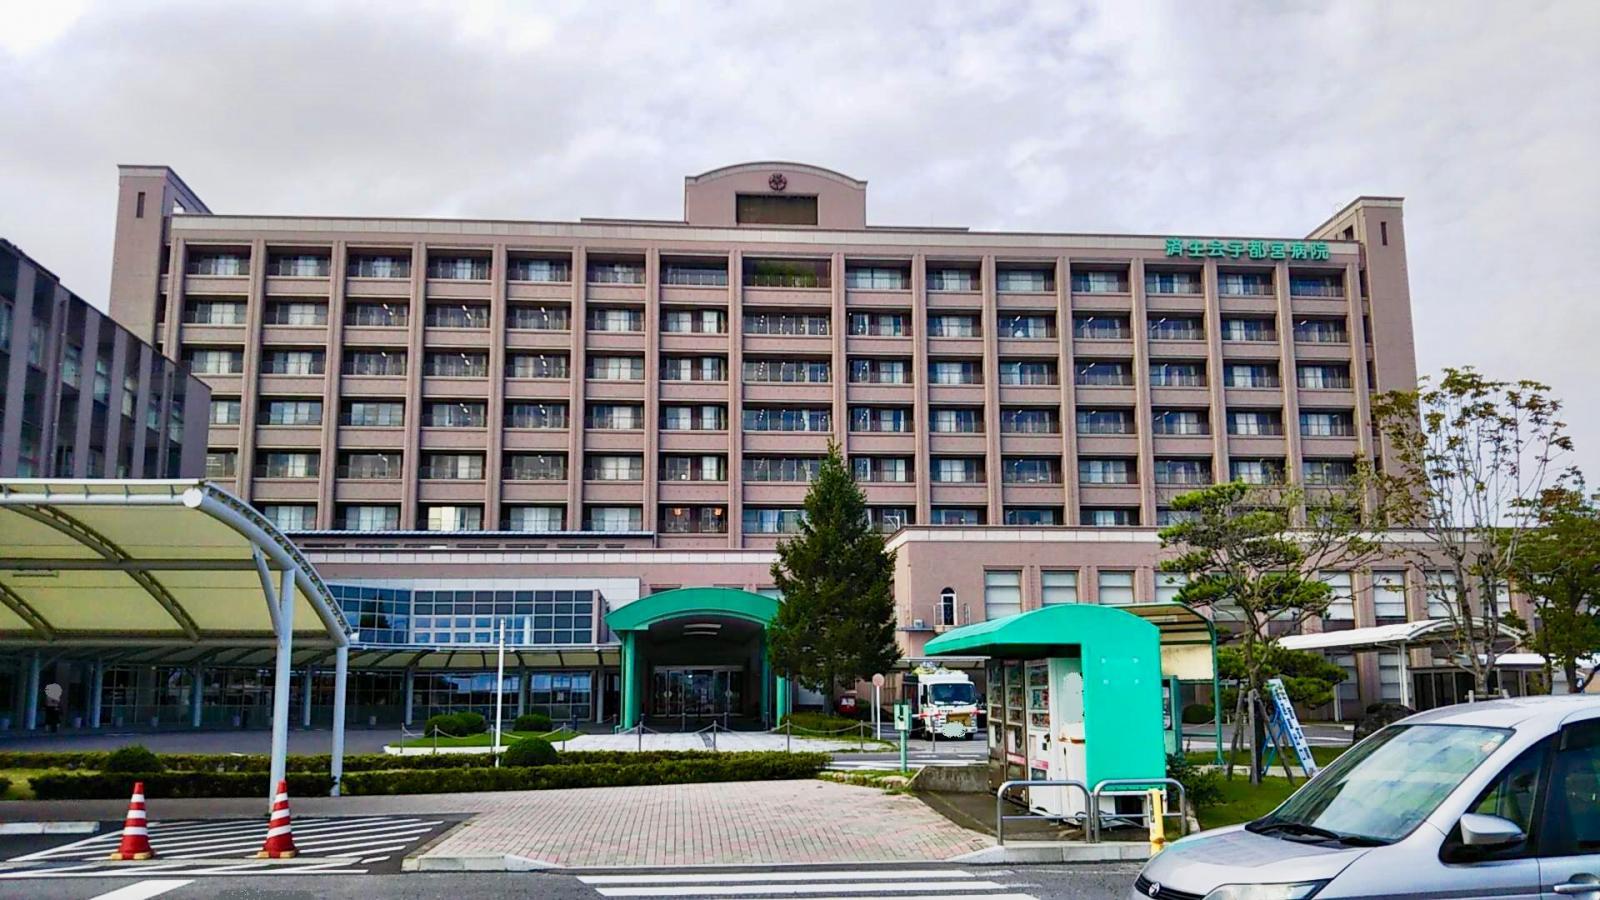 病院の施設外観です。